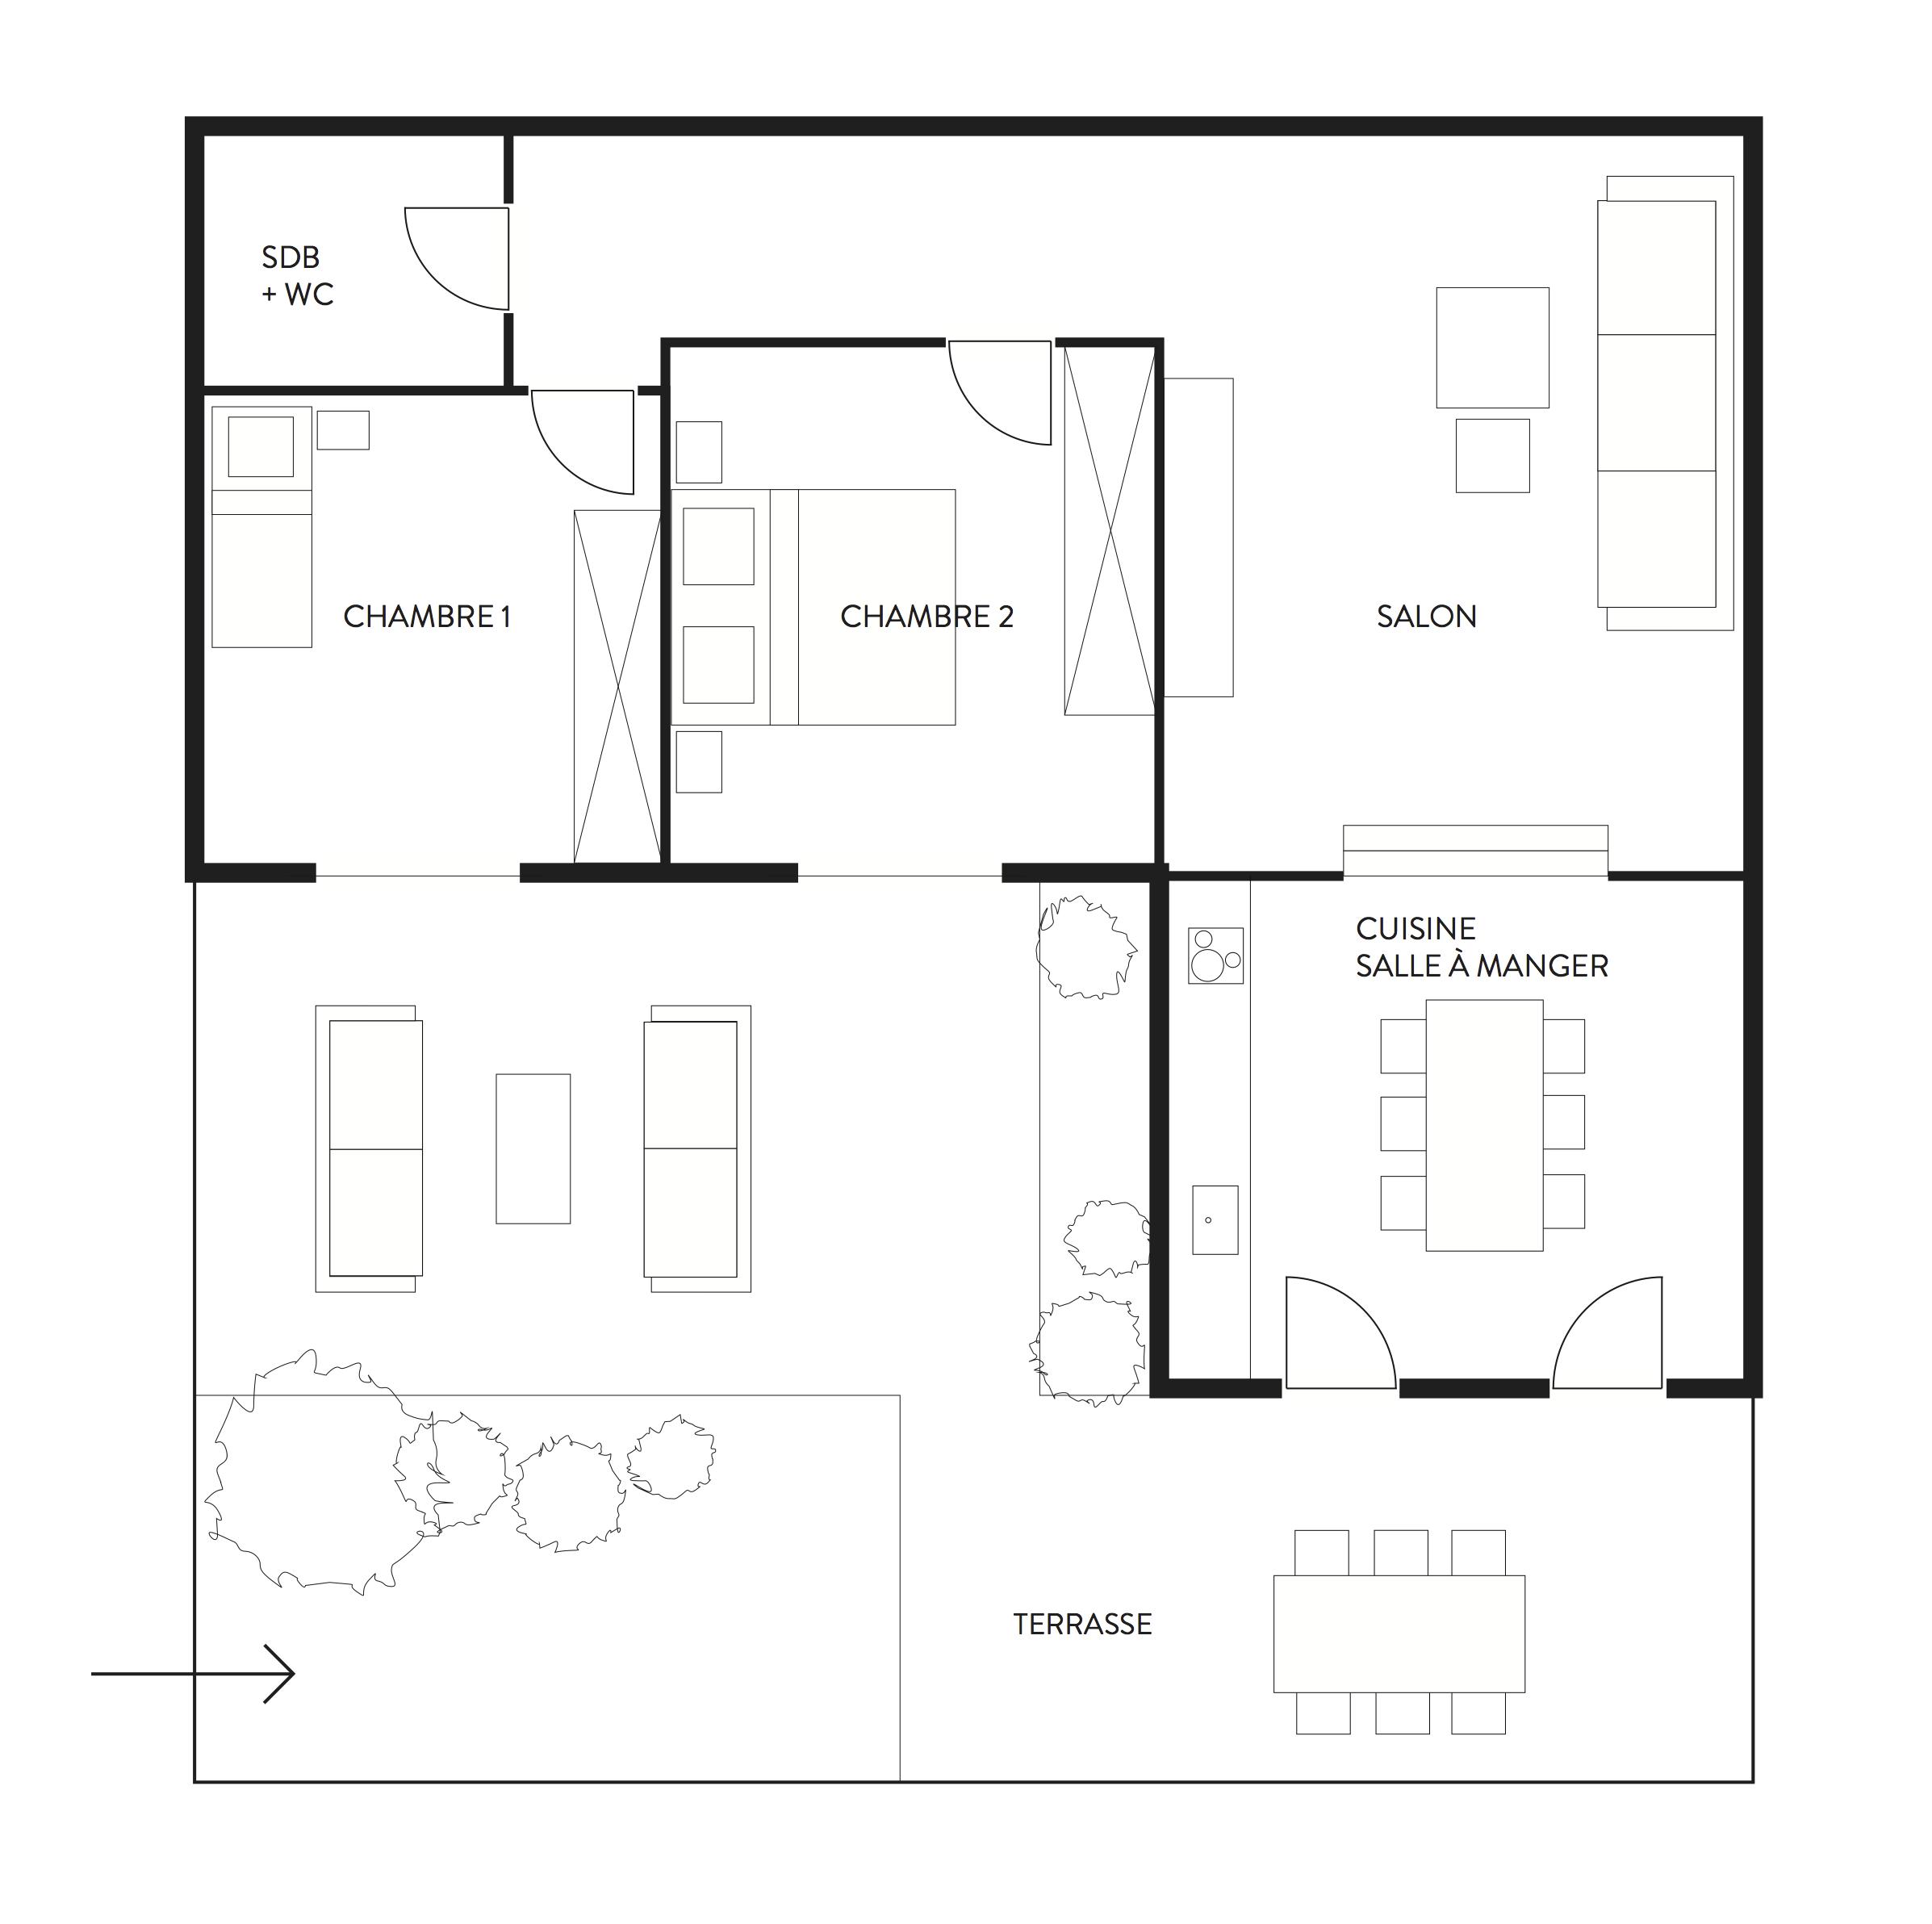 Plan représentant la répartition des espaces et la disposition du mobilier. Ce plan n'est en aucun cas un plan technique à l'échelle.